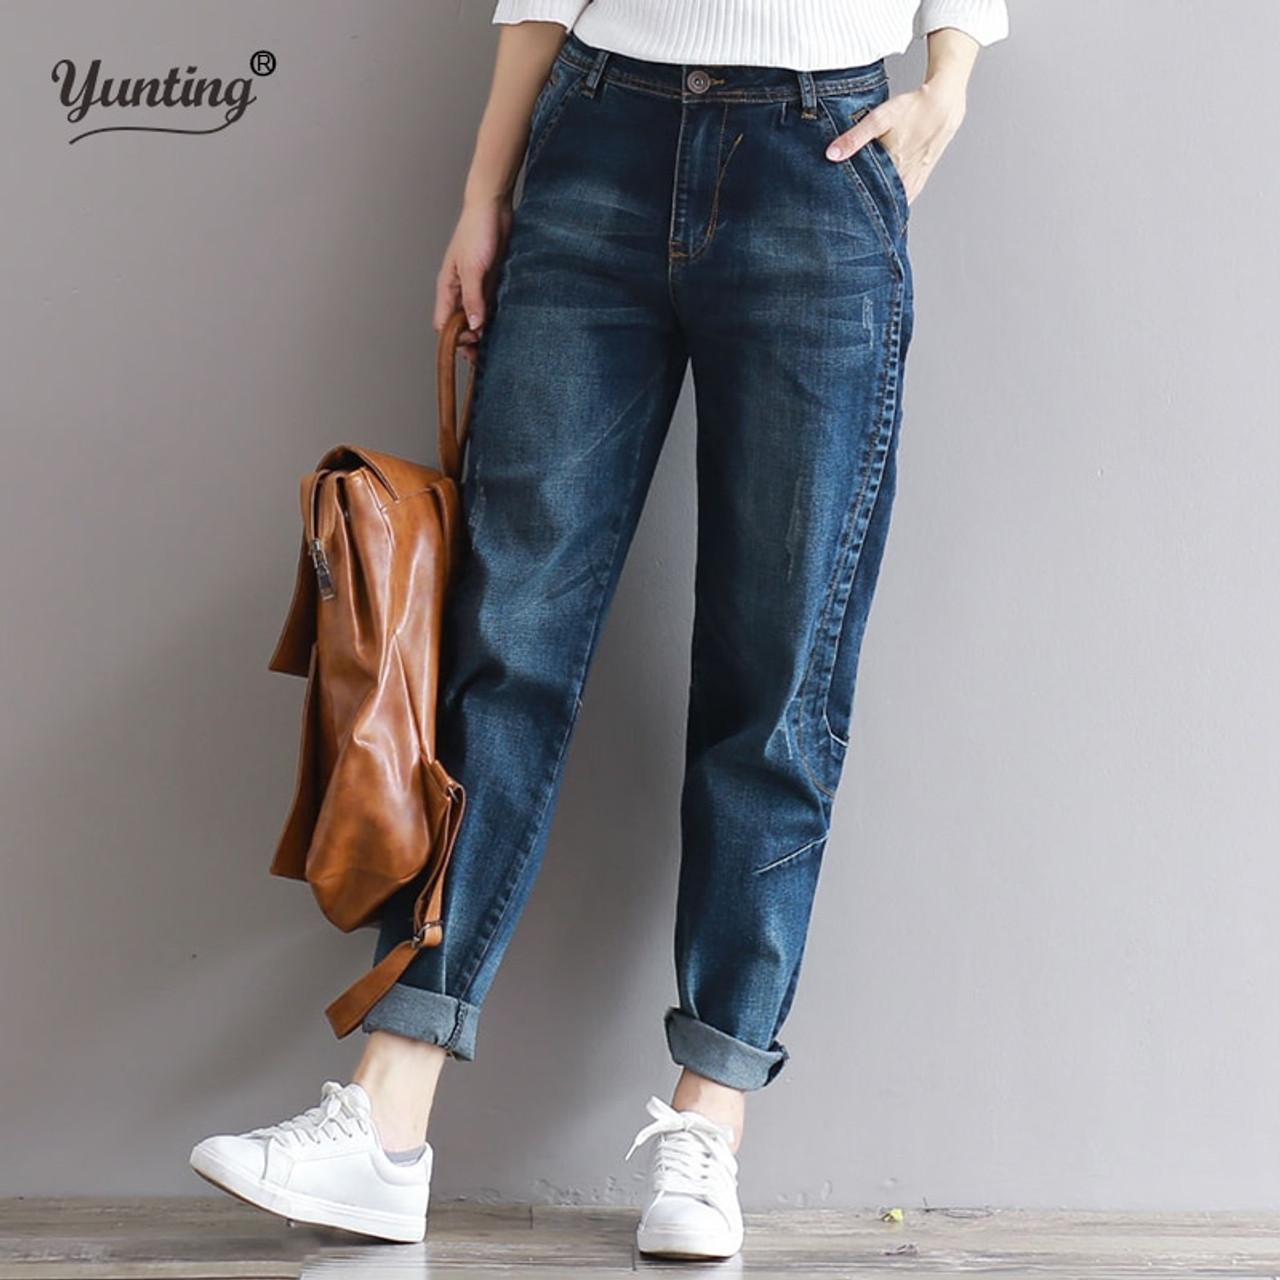 df6a1271619 2019 Boyfriend Jeans Harem Pants Women Trousers Casual Plus Size Loose Fit  Vintage Denim Pants High ...